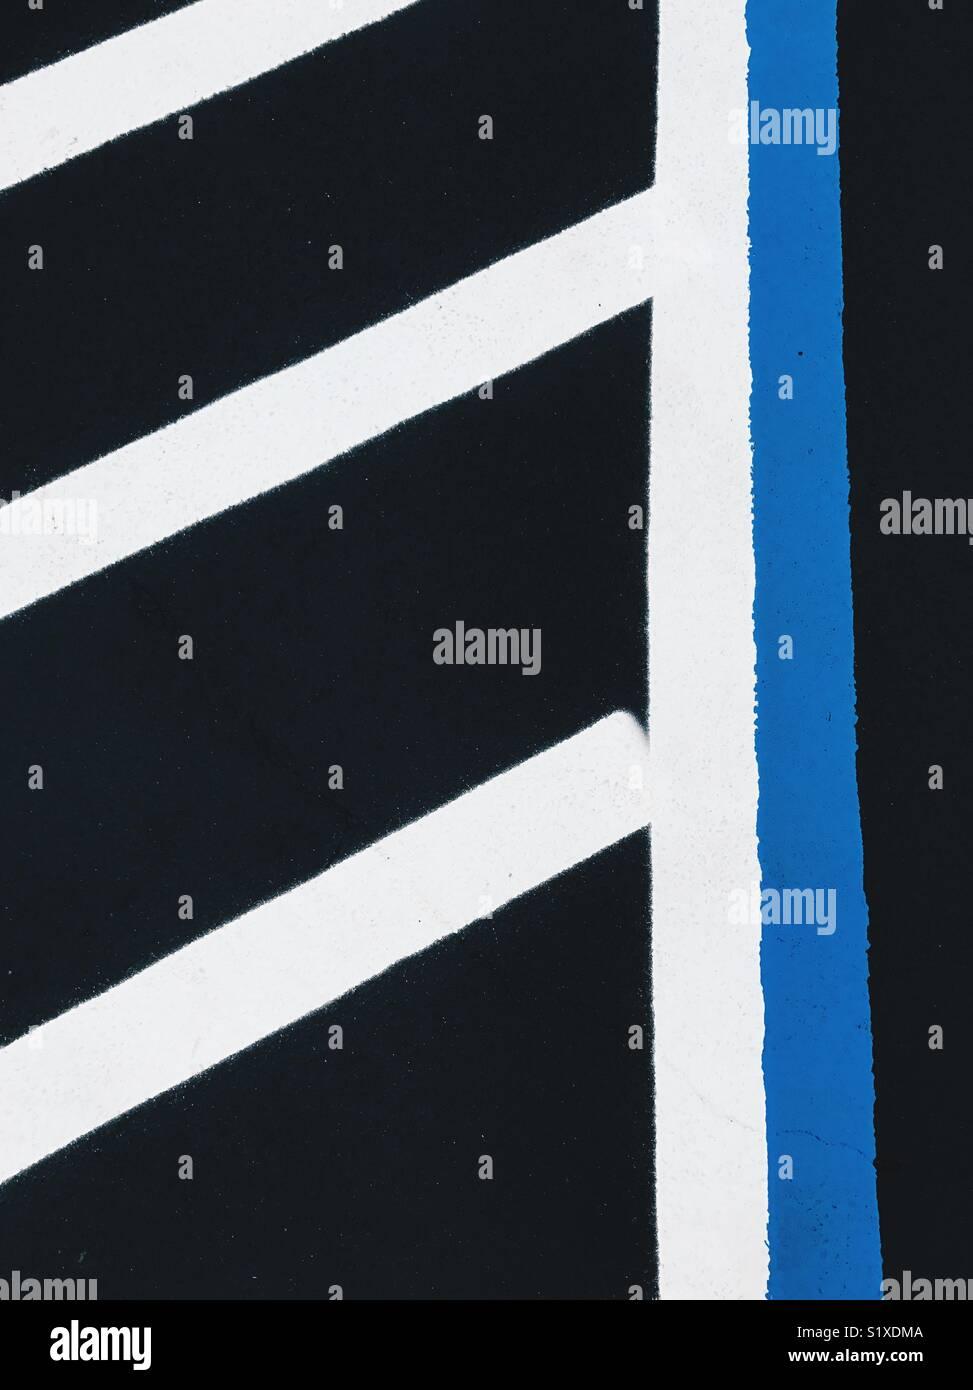 Bold pintadas en blanco y negro de líneas azules sobre el asfalto en un parking. Imagen De Stock